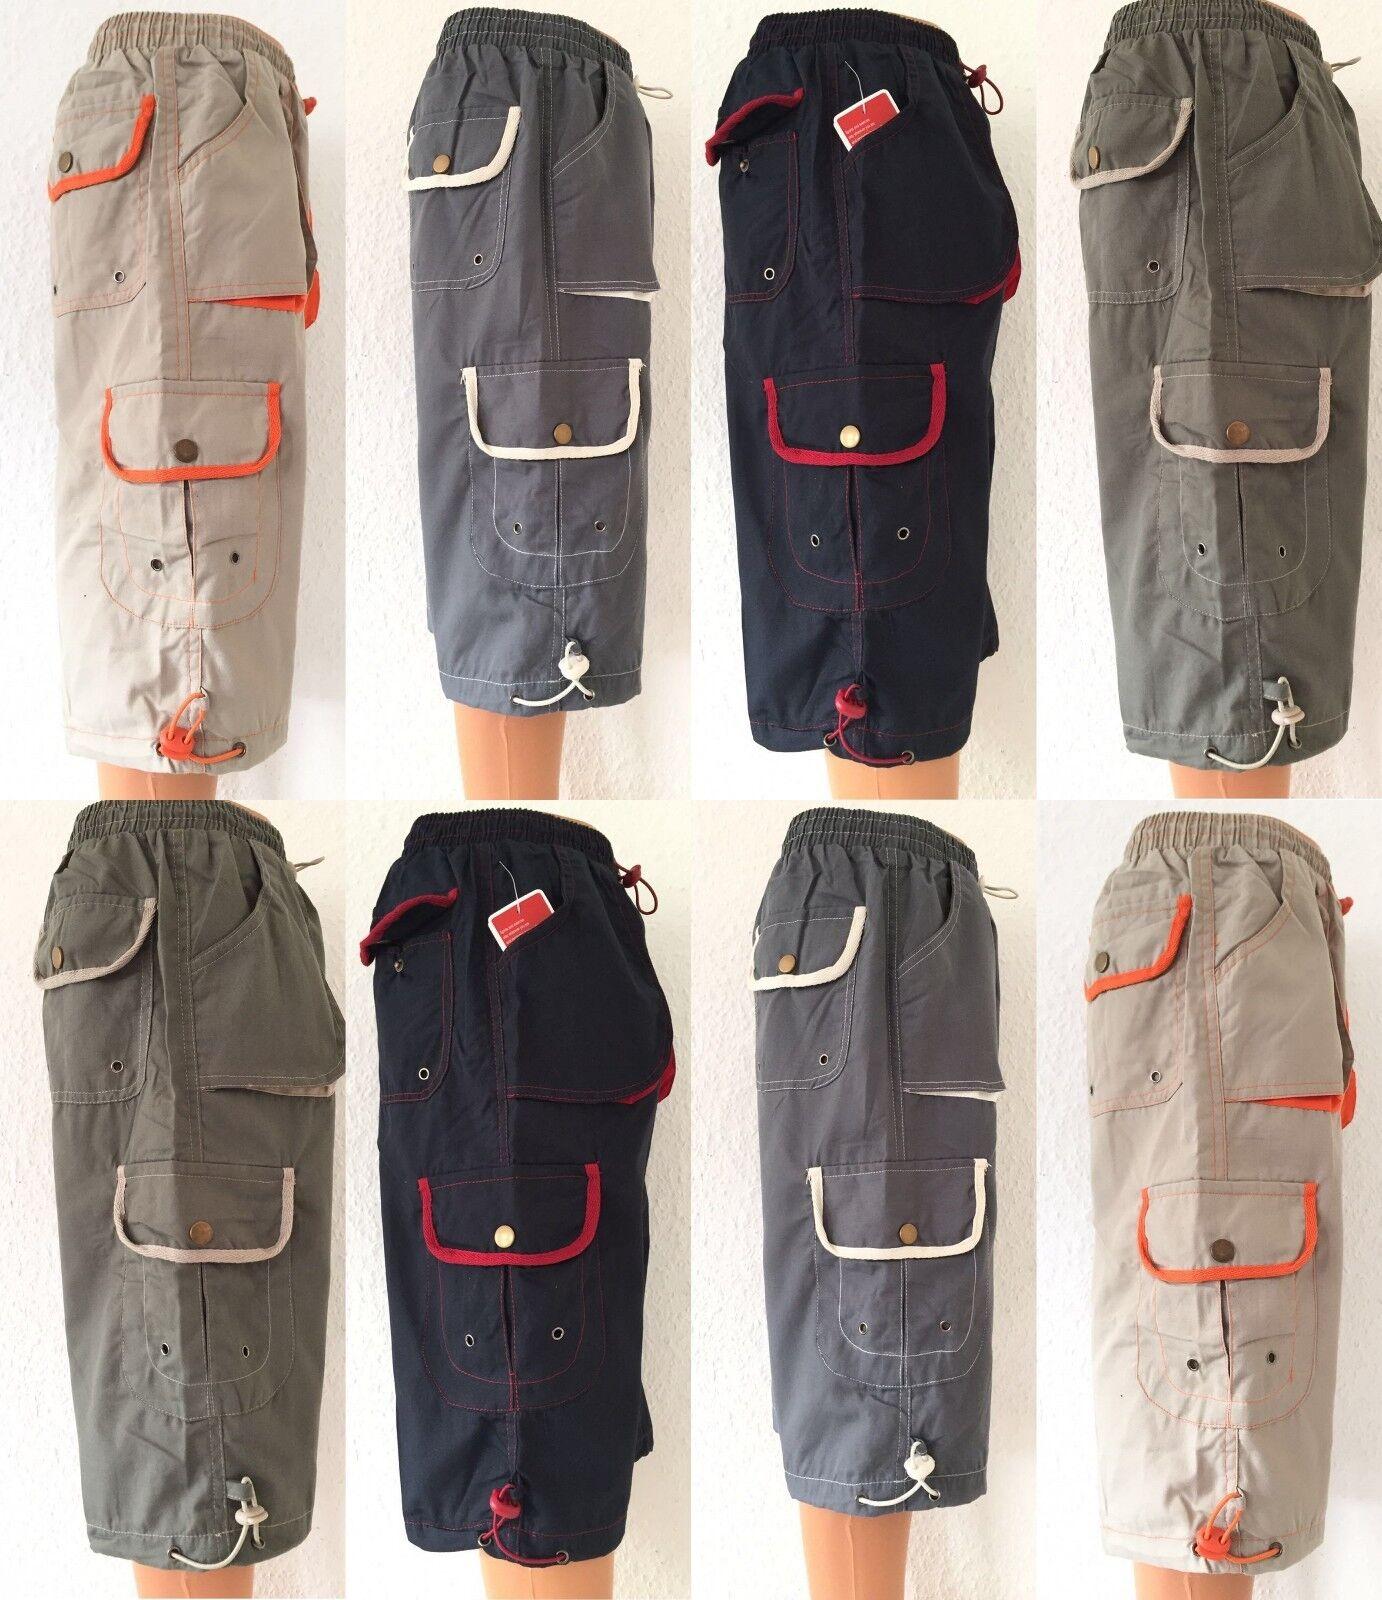 Kinder Jungen 3/4 kurze Hose Bermuda Shorts, Caprihose, Sommerhose   Gr.128-158